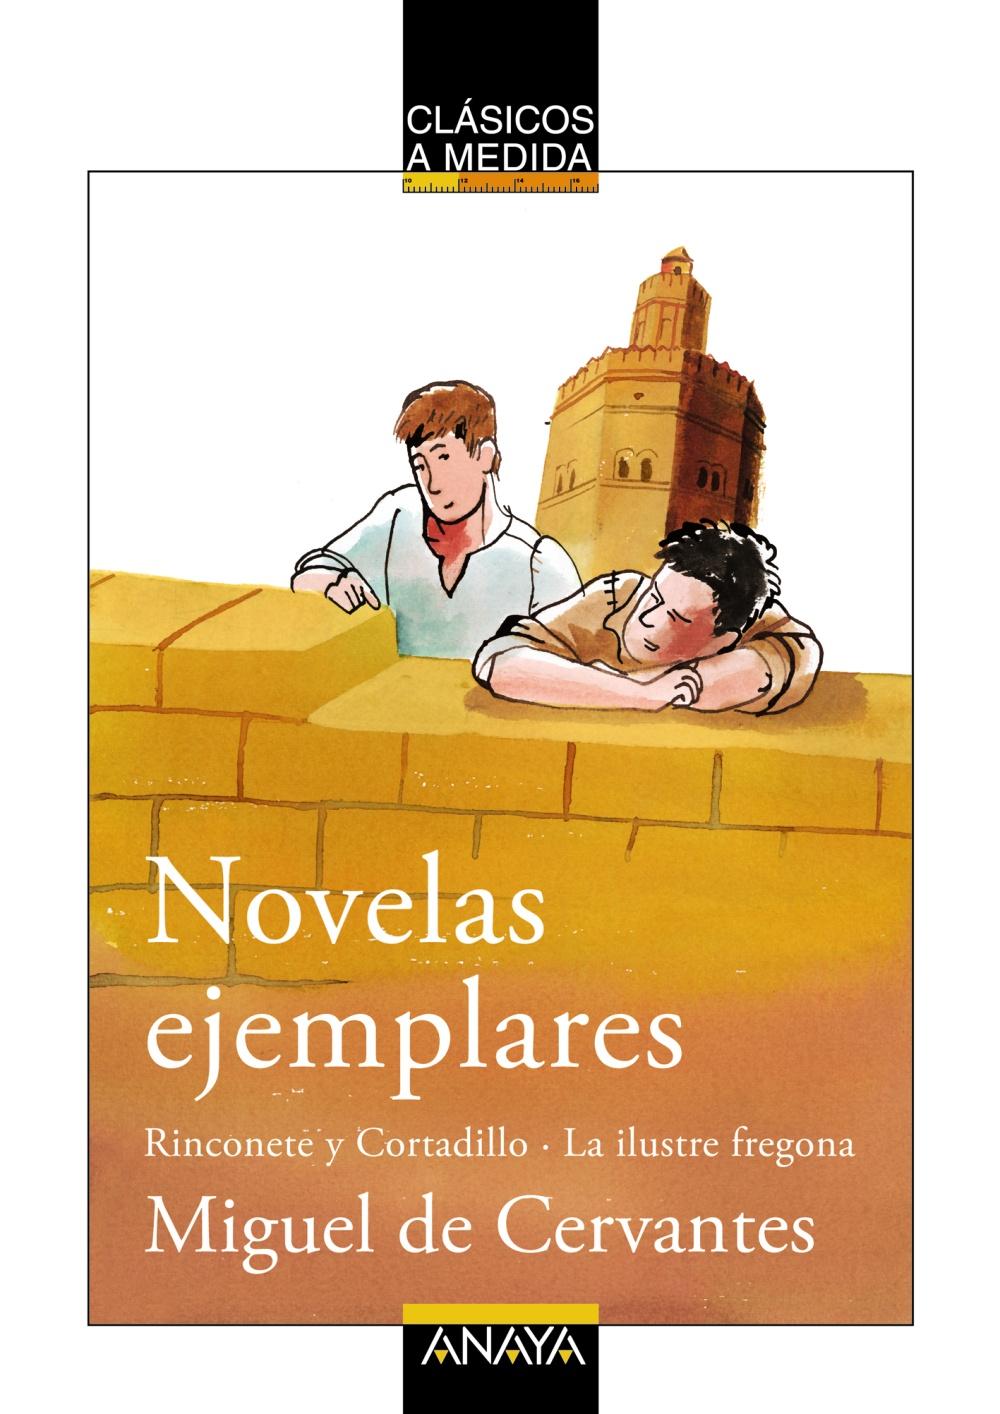 Novelas ejemplares | Anaya Infantil y Juvenil